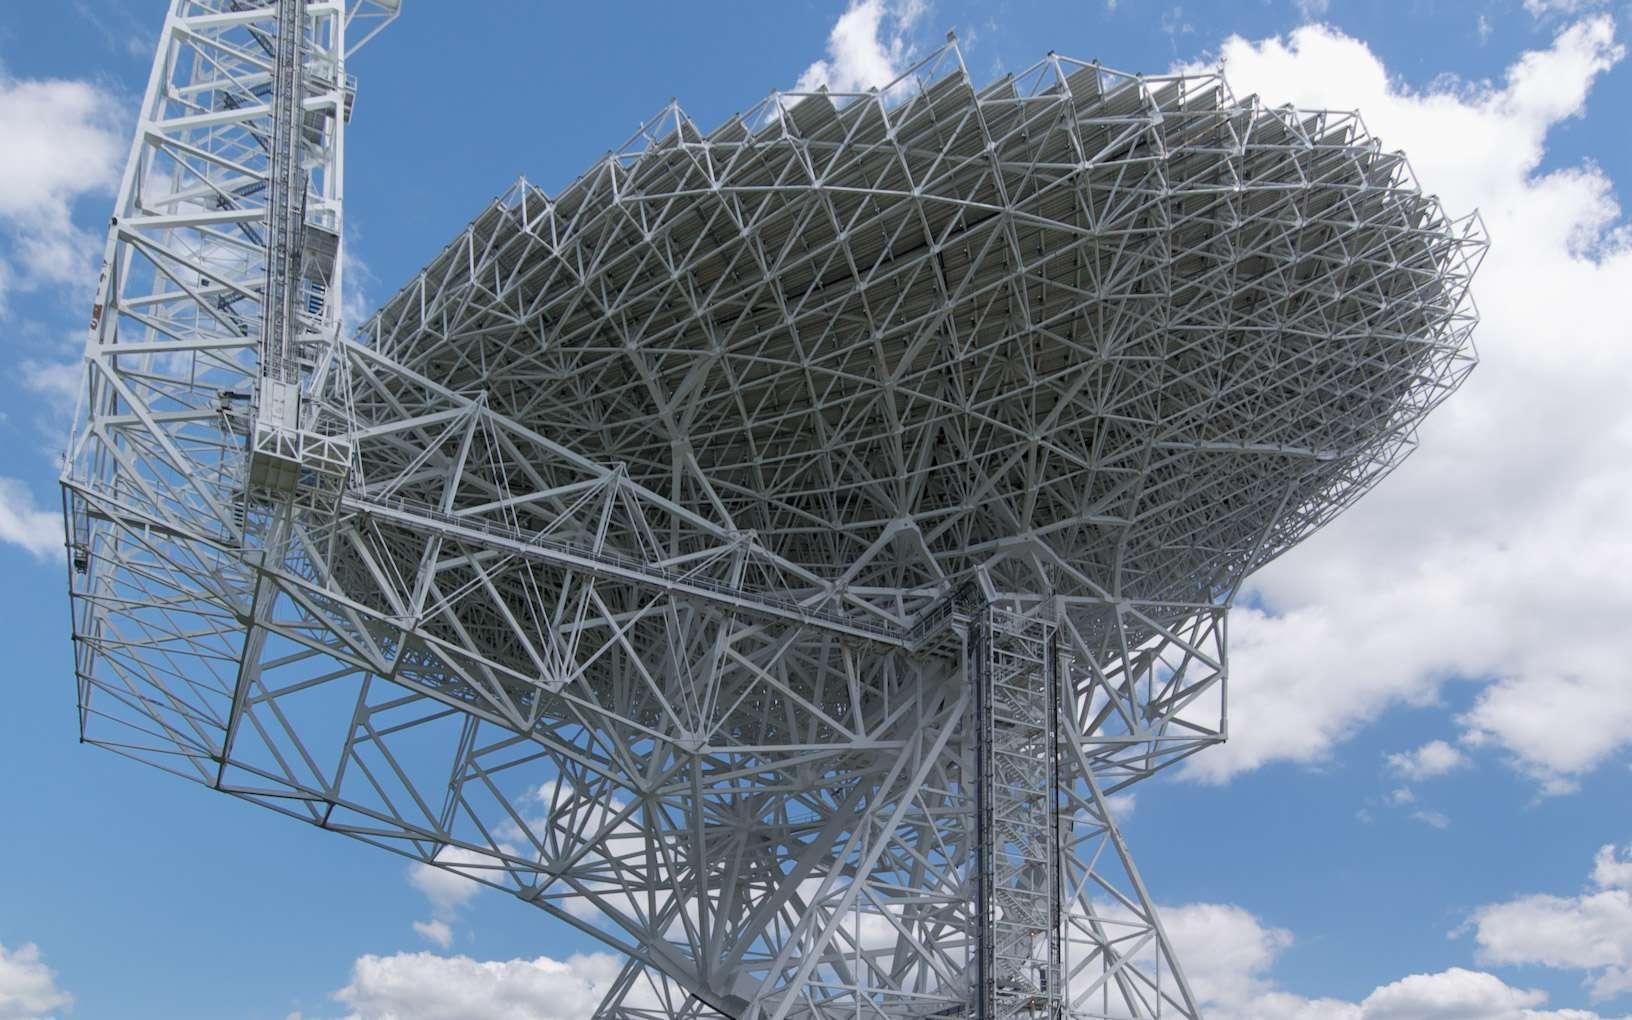 Le télescope de Green Bank (GBT) est le plus grand radiotélescope orientable du monde. Ses équipements font partie du réseau du National Radio Astronomy Observatory (NRAO) et se situent à Green Bank en Virginie-Occidentale, aux États-Unis. C'est cependant un radiotélescope voisin plus petit qui vient d'être modernisé pour faire des observations par synthèse d'ouverture aux côtés de RadioAstron, le Hubble russe pour la radioastronomie. © Green Bank, NRAO